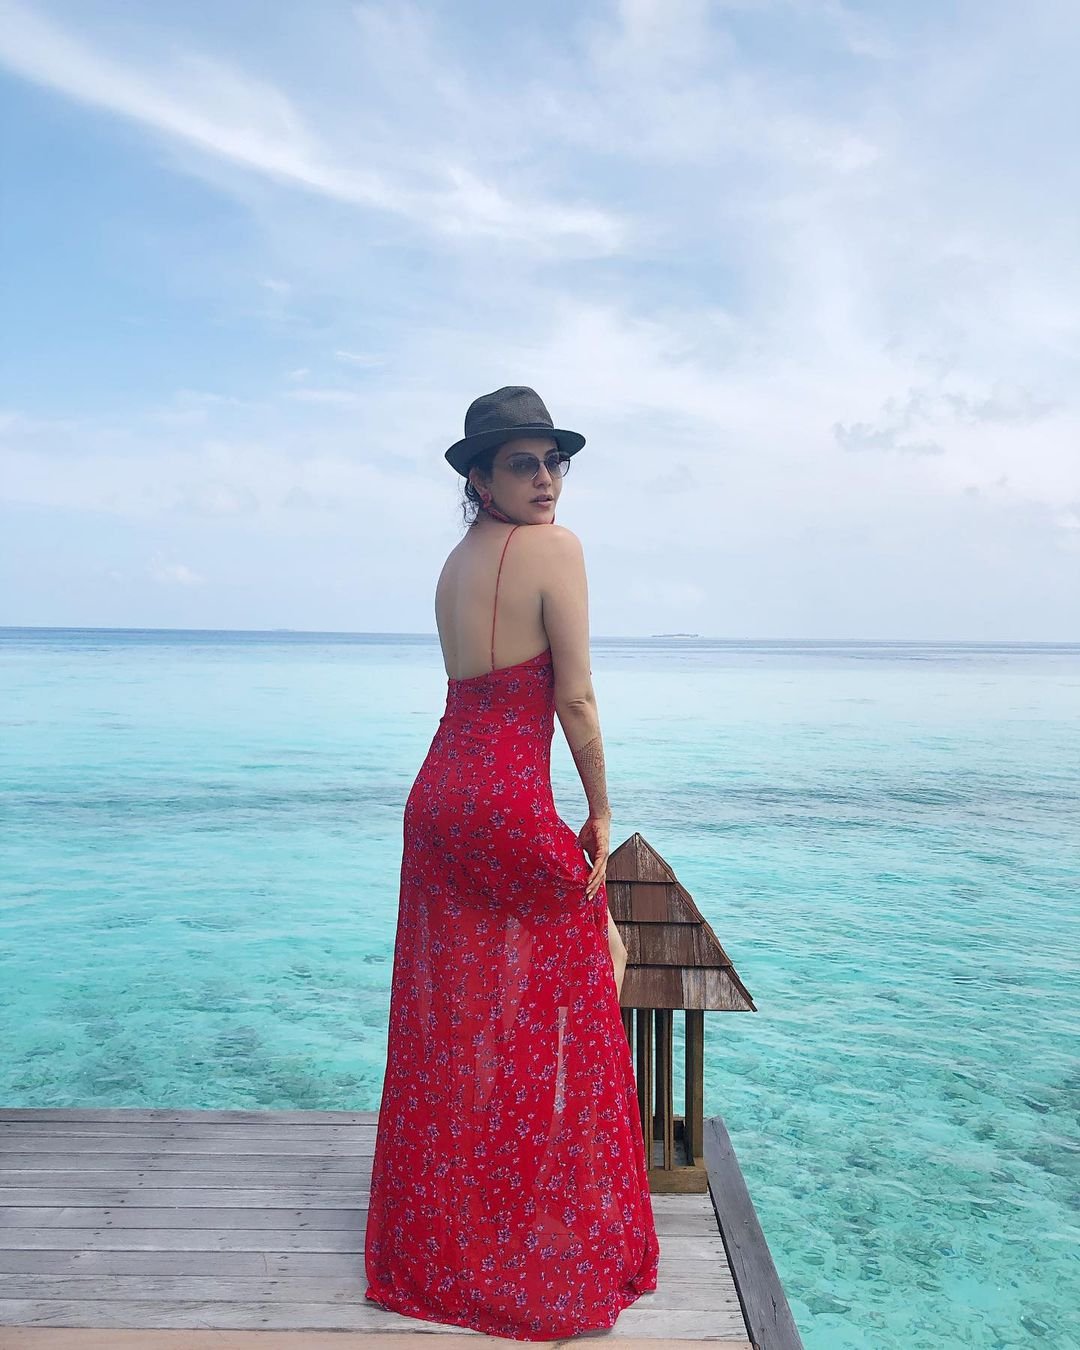 Kajal Aggarwal stuns in red, shares pics from Maldives honeymoon | मालदीव  में हनीमून मना रहीं काजल अग्रवाल, बीच किनारे रेड ड्रेस में दिखा ग्लैमरस  लुक, वायरल हुईं फोटोज ...